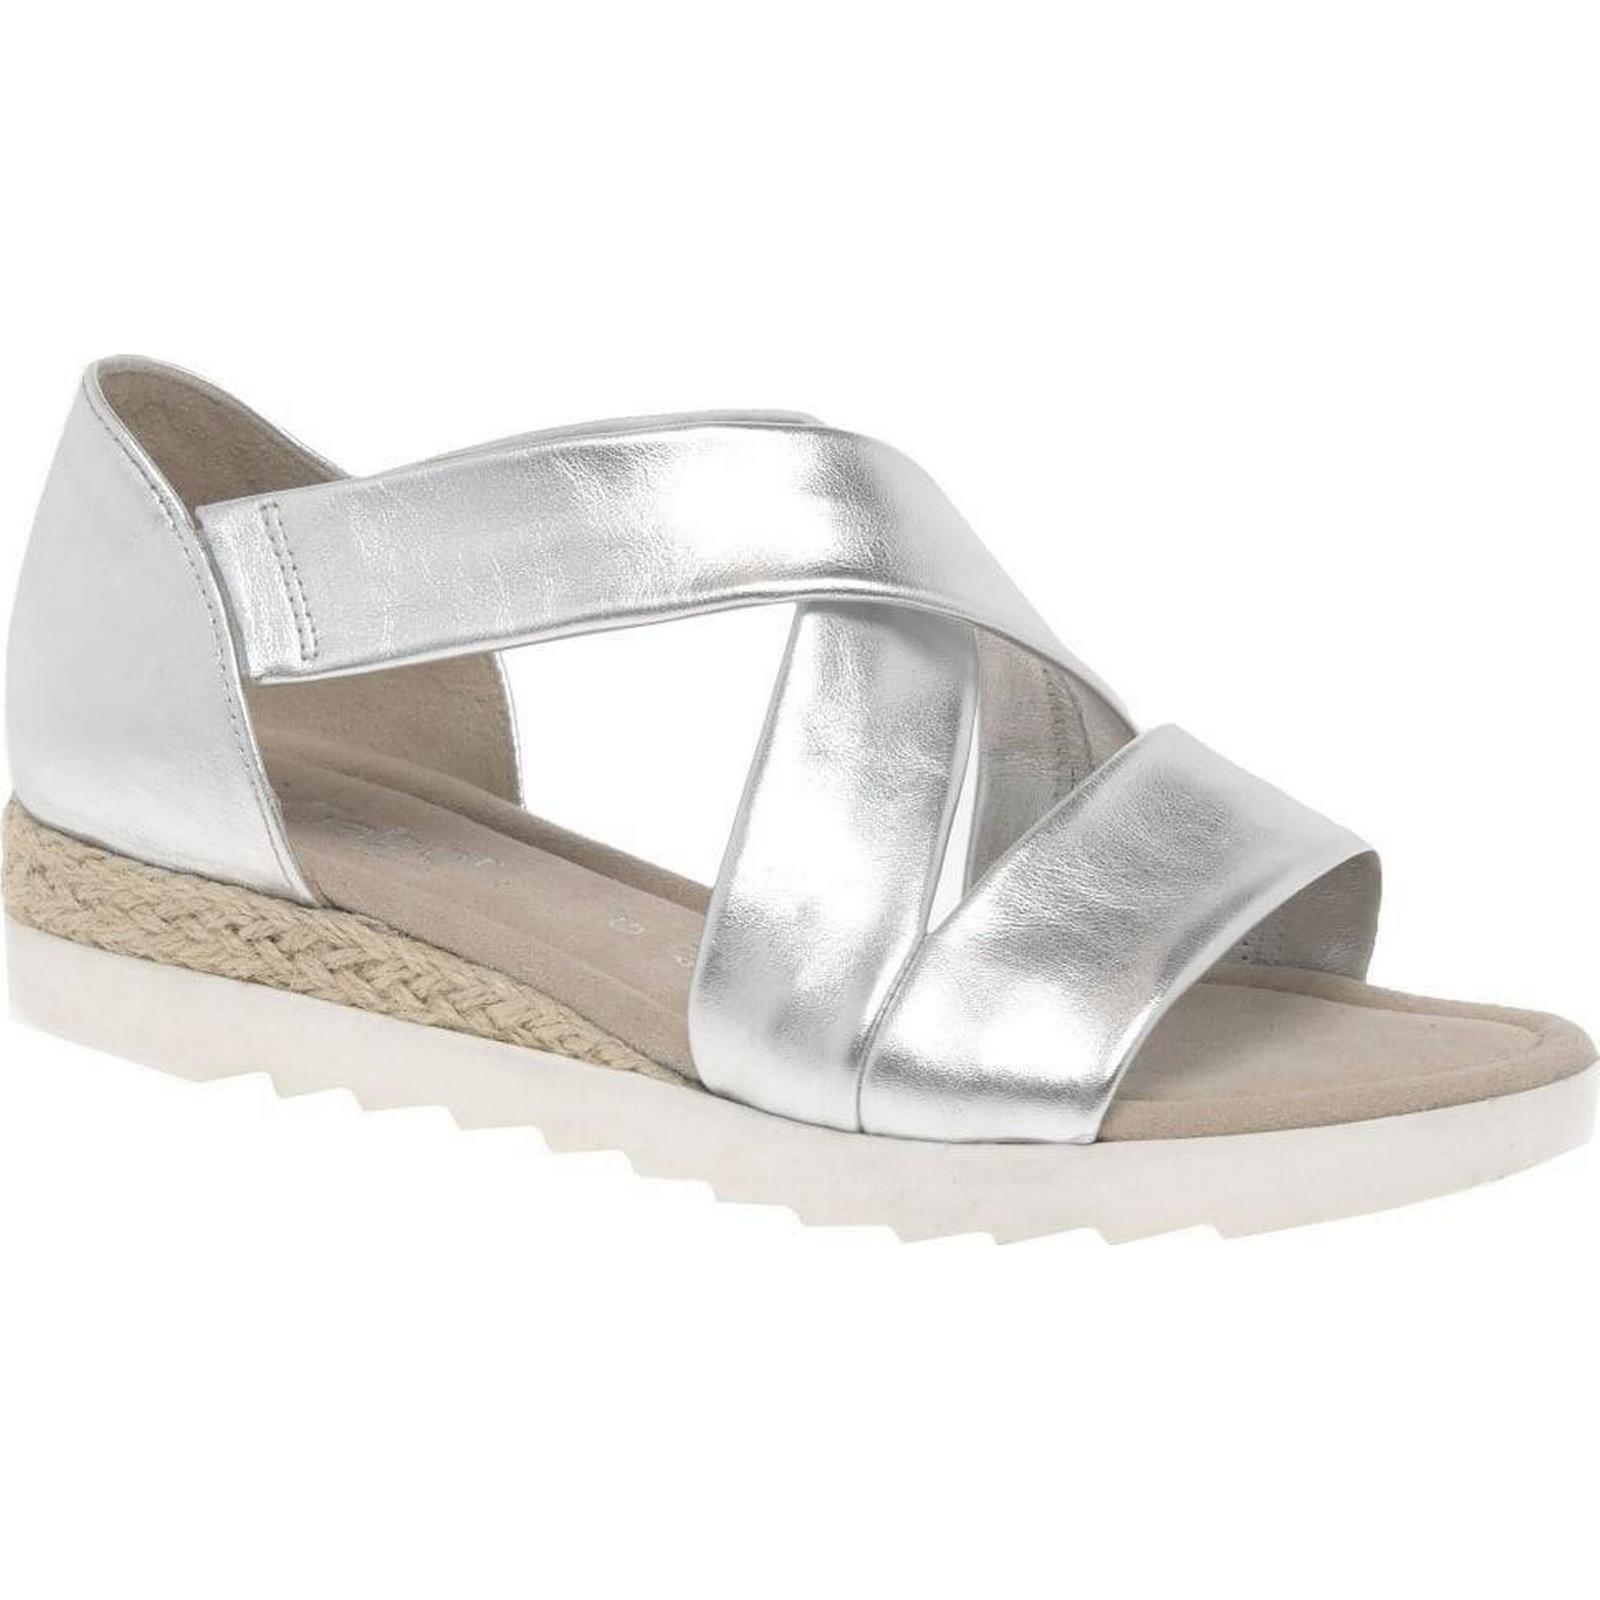 Gabor Promise Womens Sandals Colour: 3.5 Silver, Size: 3.5 Colour: cc9efe